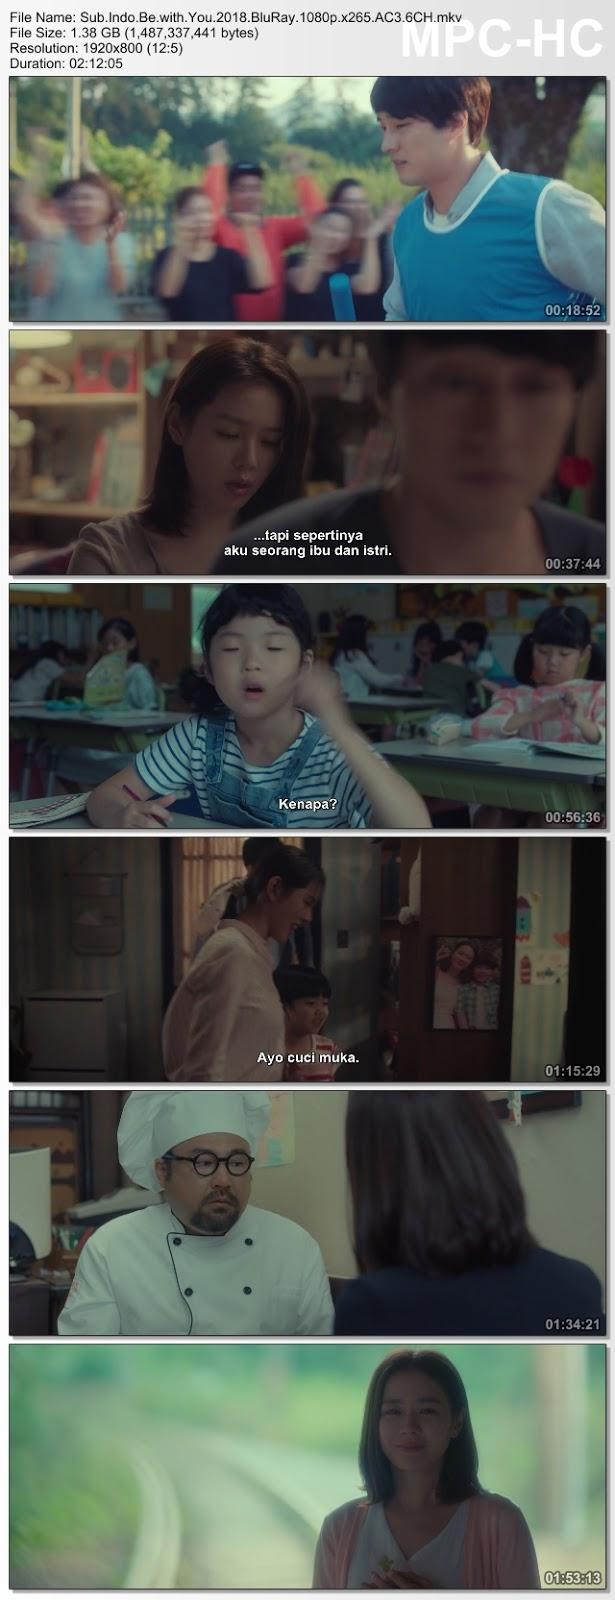 Screenshots Download А теперь я иду встретиться с тобой (2018) BluRay 480p & 3GP Subtitle Indonesia